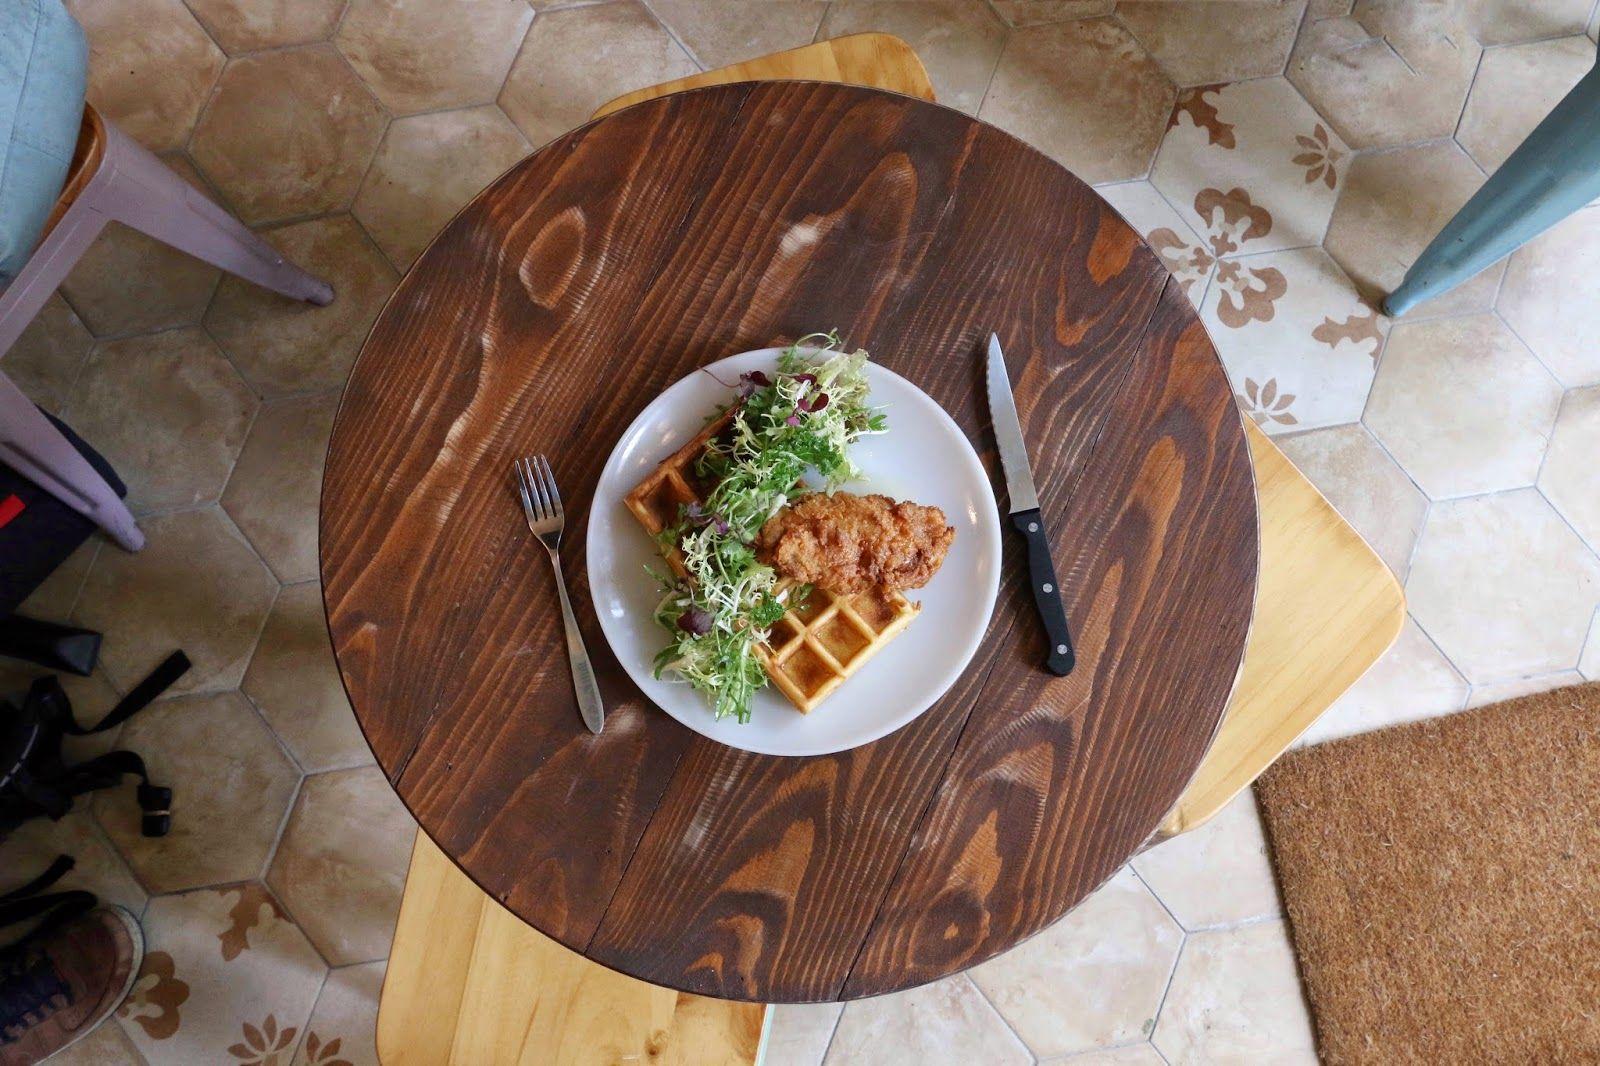 Artisan Garden Cafe, Sai Ying Pun, Buttermilk Fried Chicken Waffle